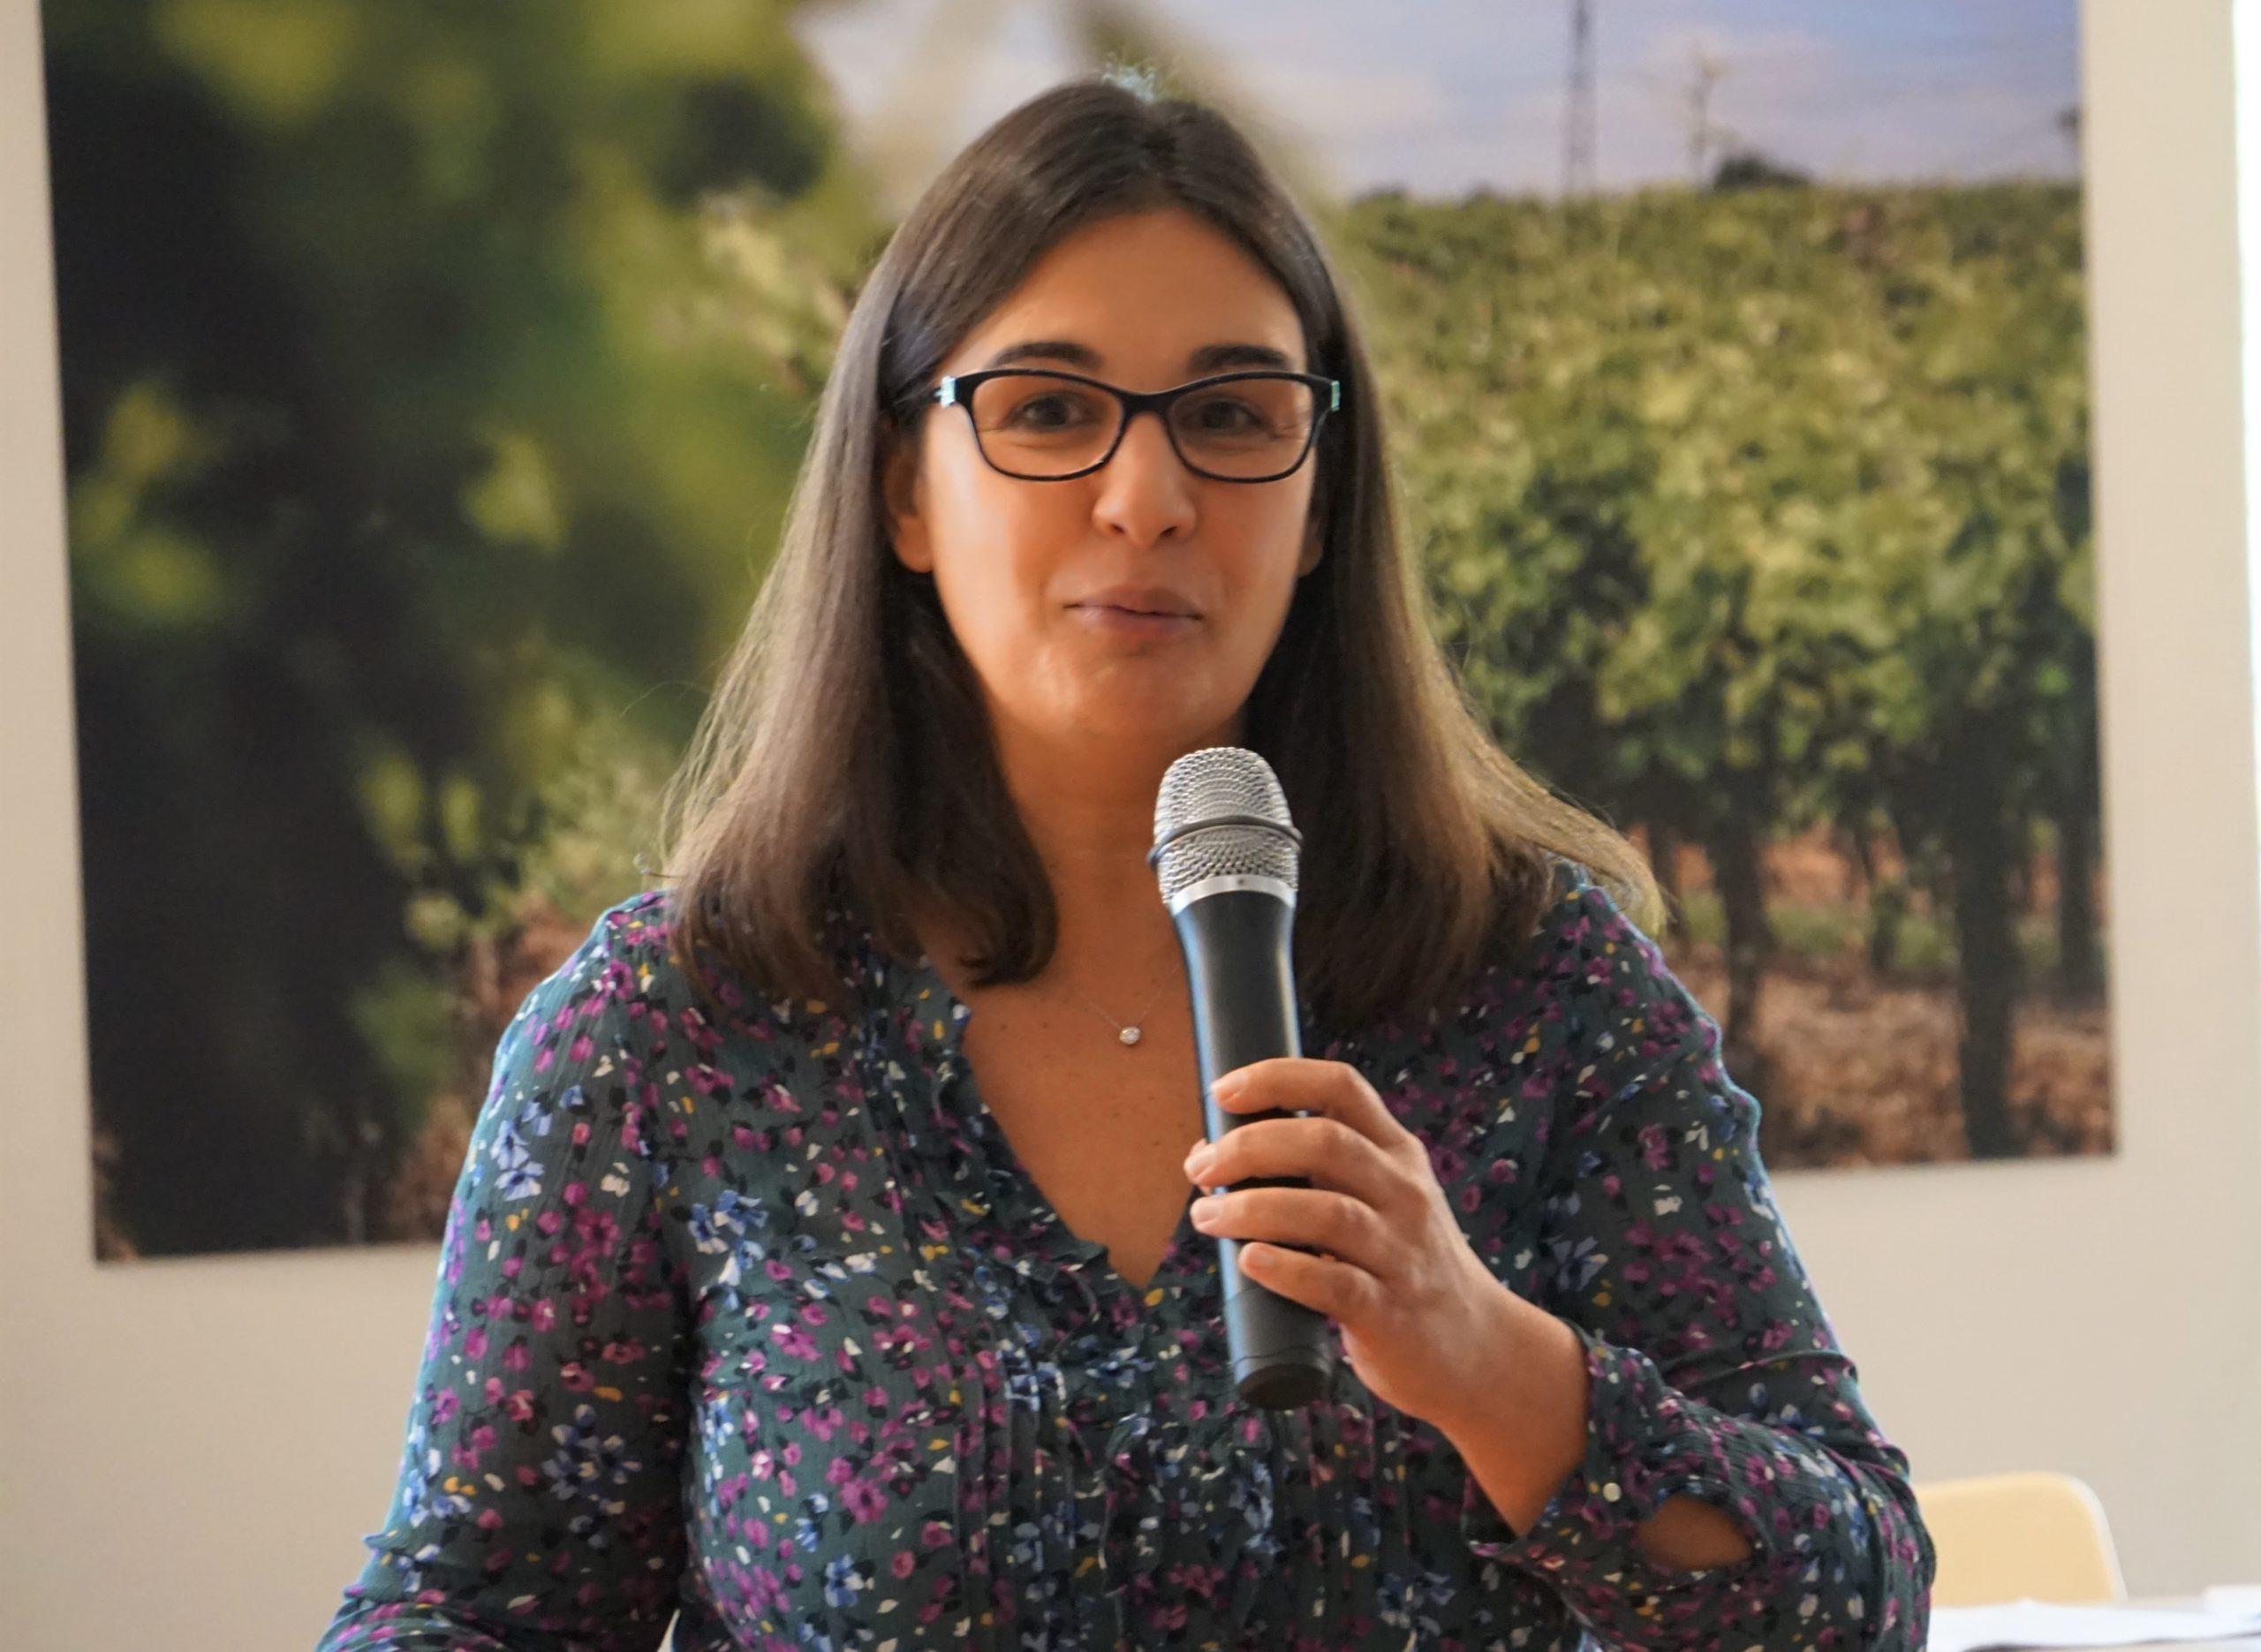 Pépiniéristes viticoles, la réglementation sur la santé du végétal crée le trouble